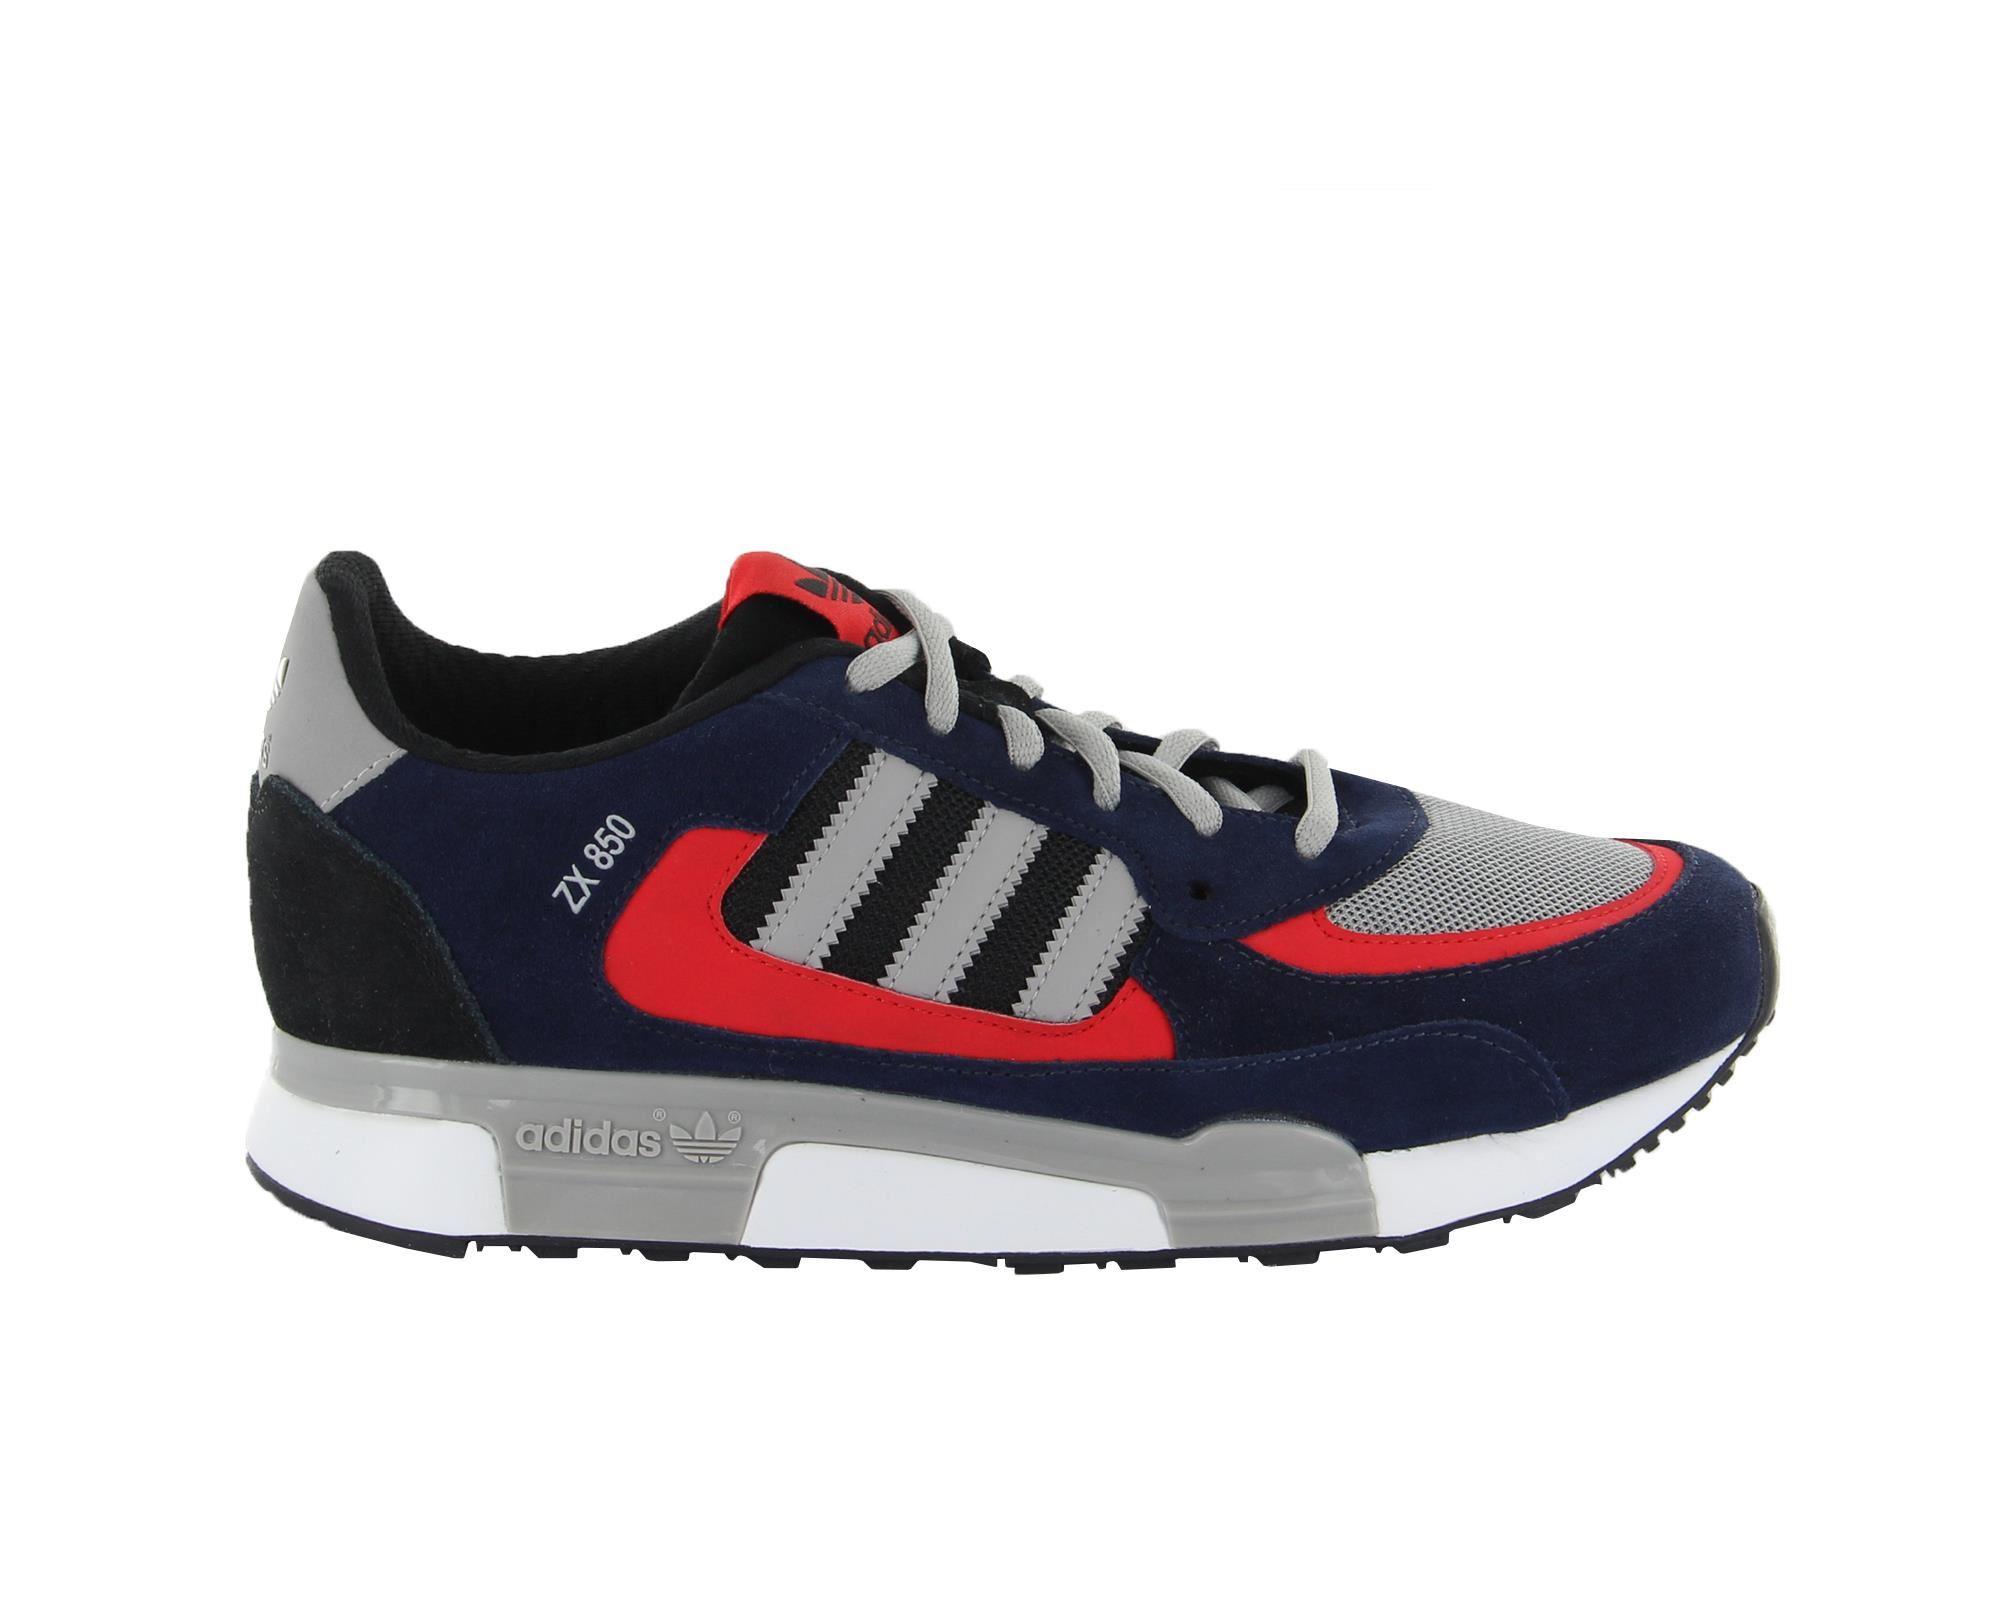 adidas originals adidas zx 850 b34763